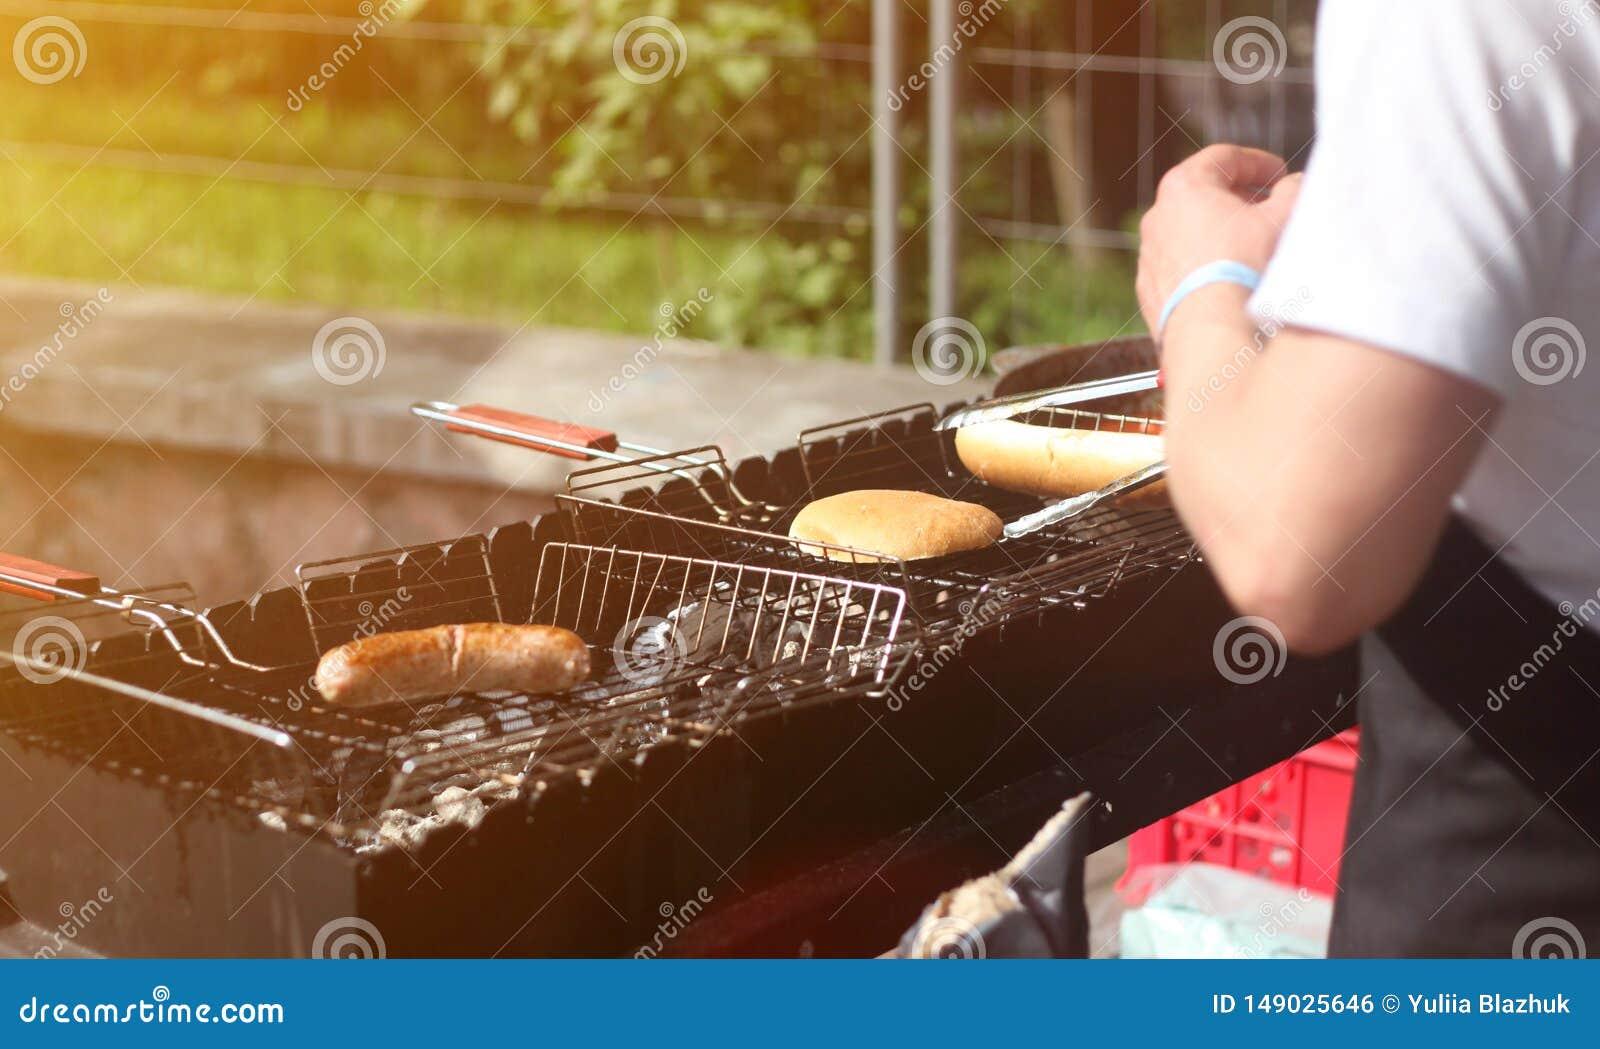 Το άτομο μαγειρεύει τα λουκάνικα και τα κουλούρια για τα χοτ-ντογκ και τα burgers στη σχάρα υπαίθρια